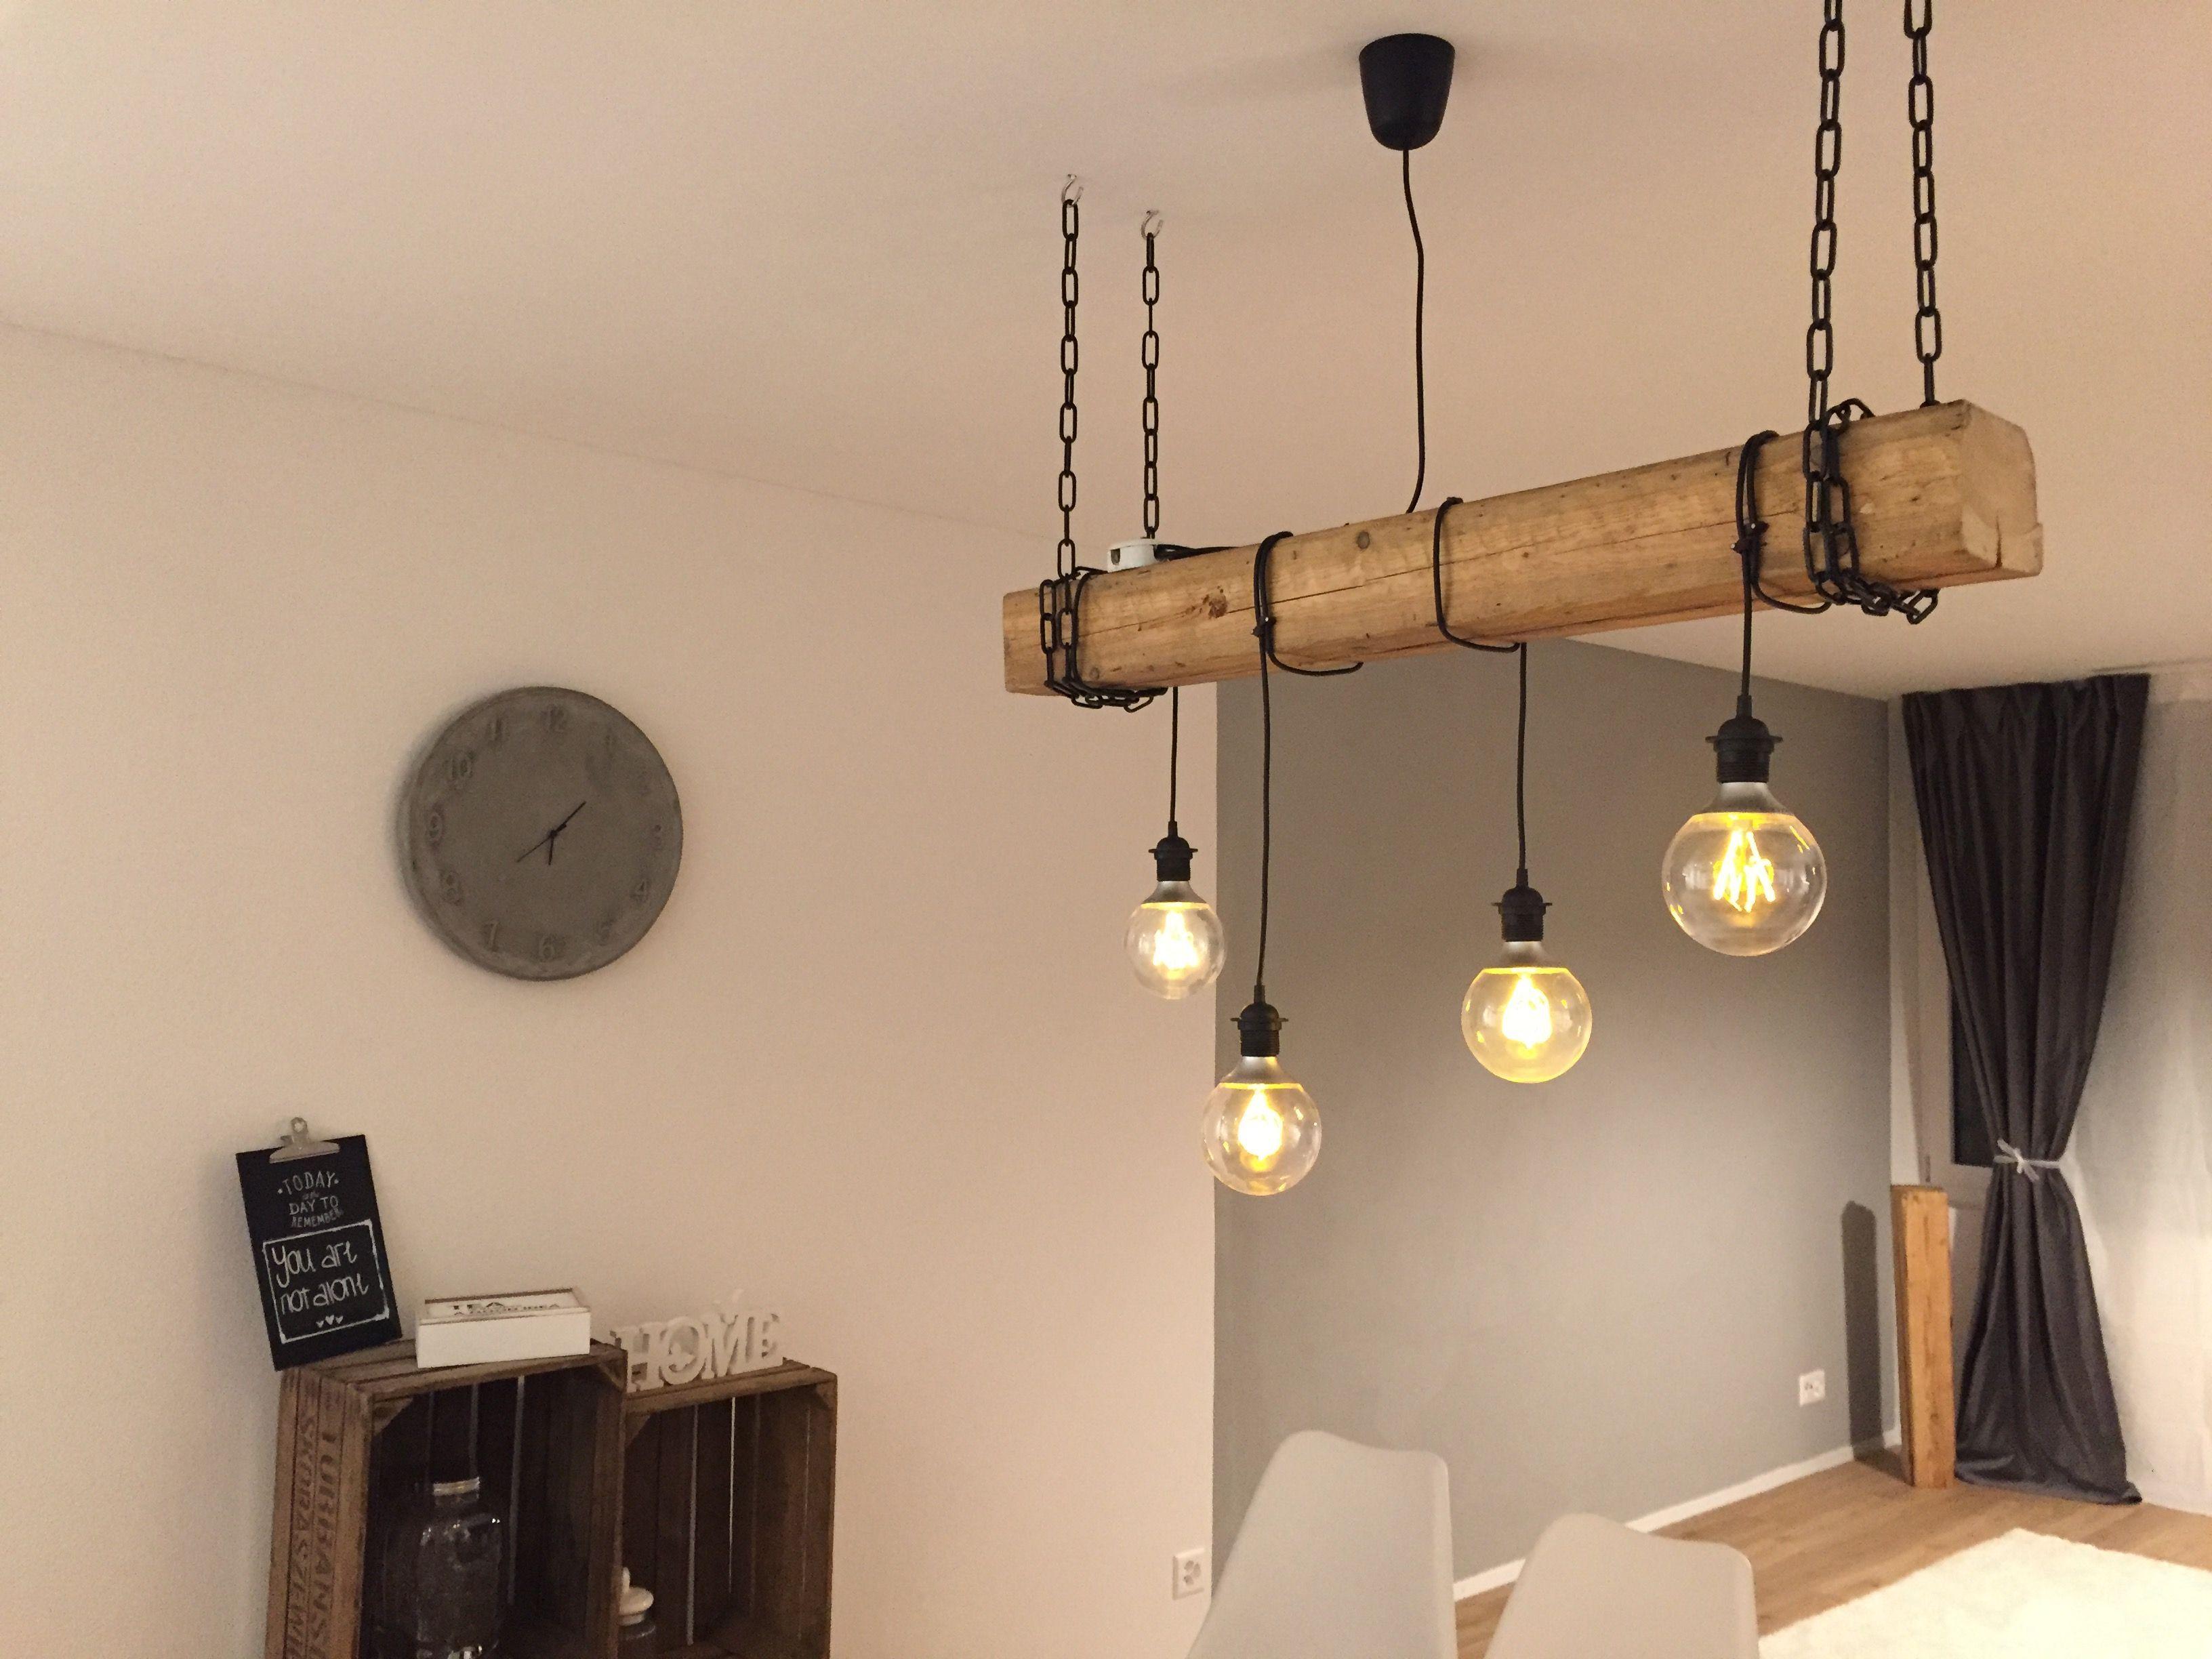 Selbstgemachte rustikale Lampe mit hängenden Glühbirnen und